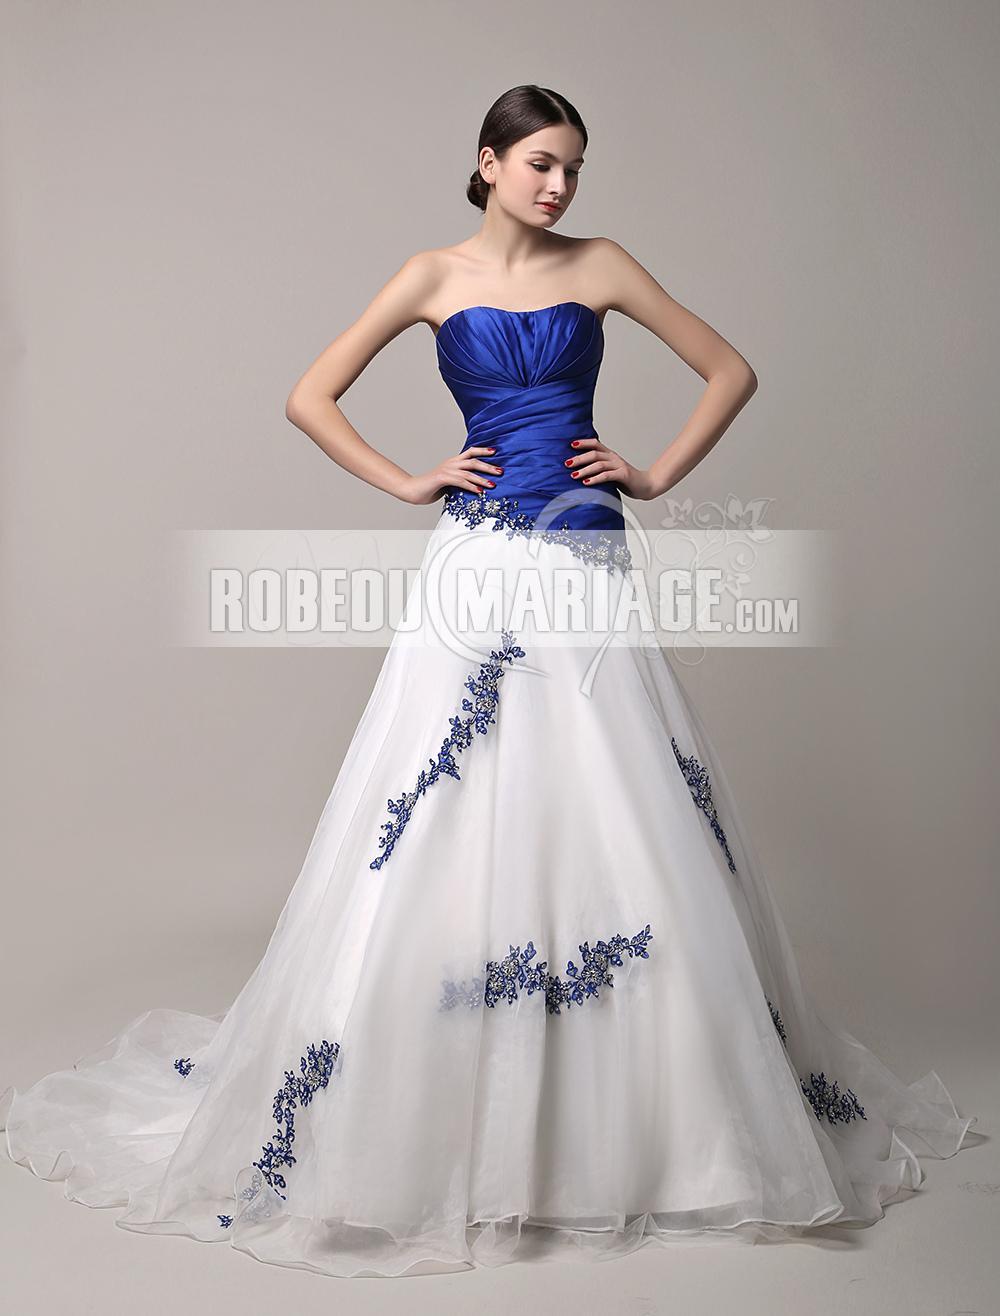 robe de mari e bustier en couleur en satin avec appliques pas cher robe2012677. Black Bedroom Furniture Sets. Home Design Ideas